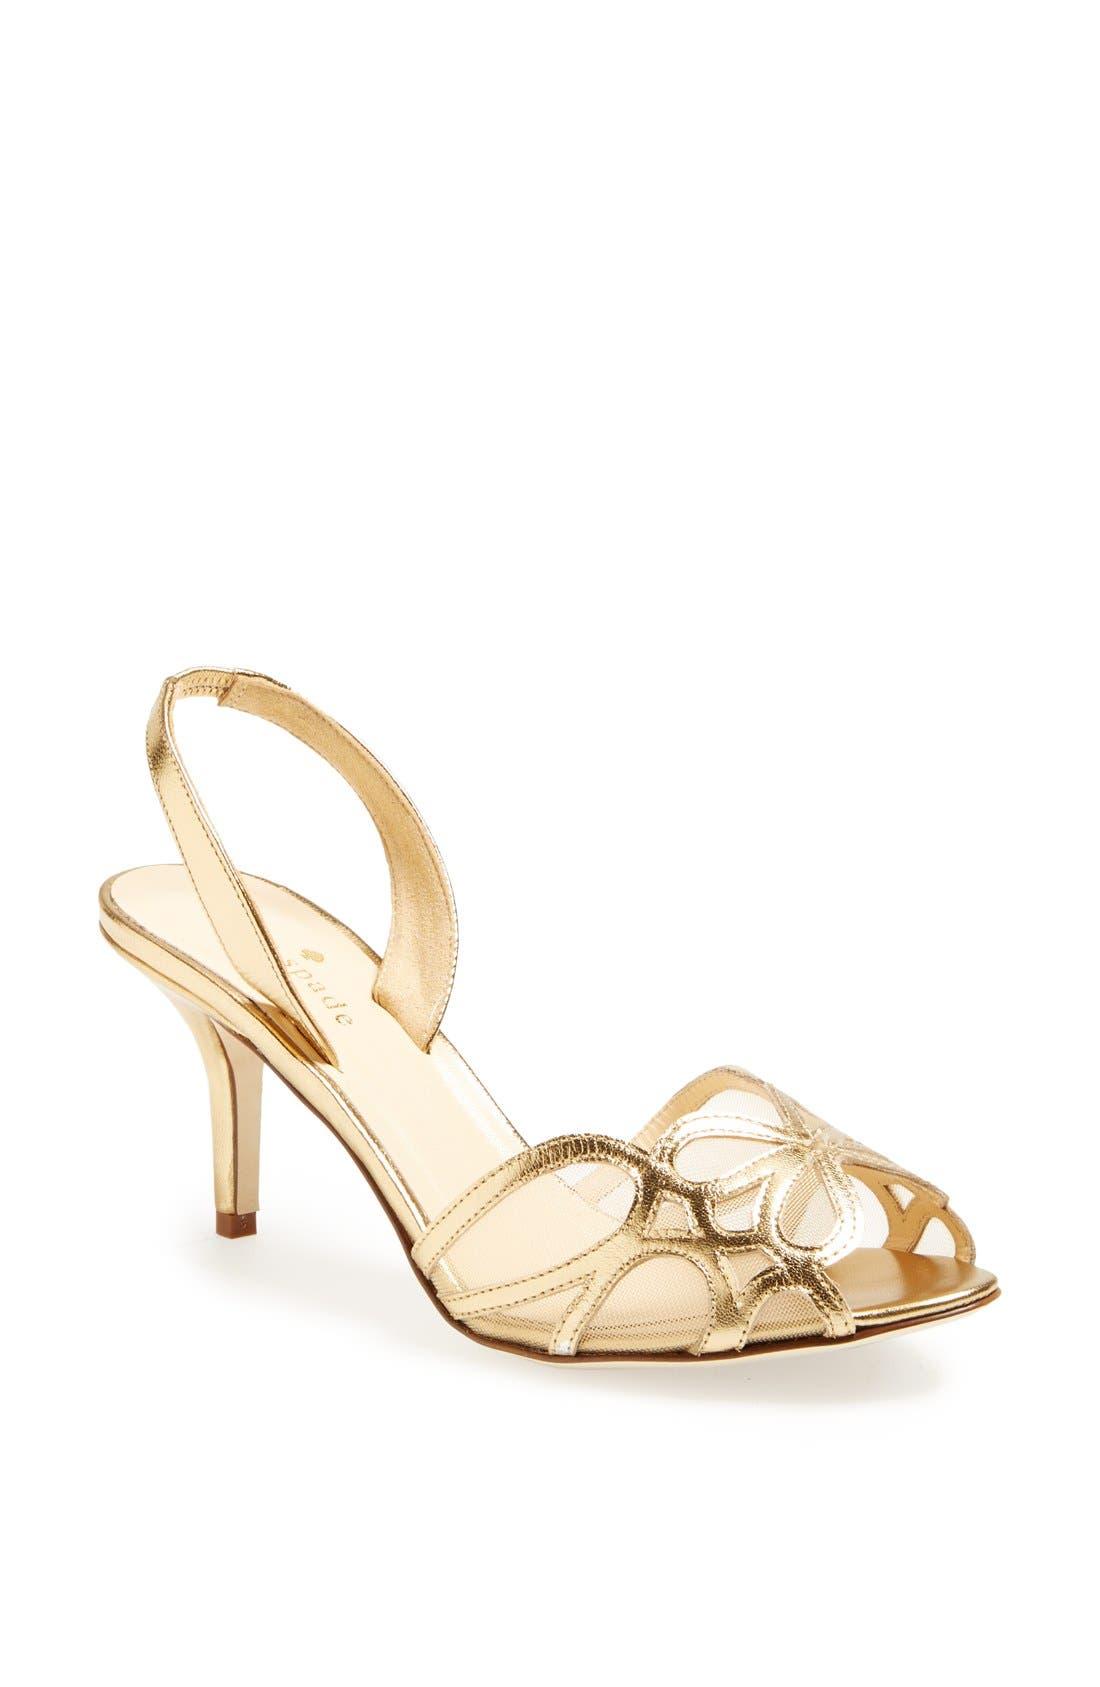 Alternate Image 1 Selected - kate spade new york 'sarita' sandal